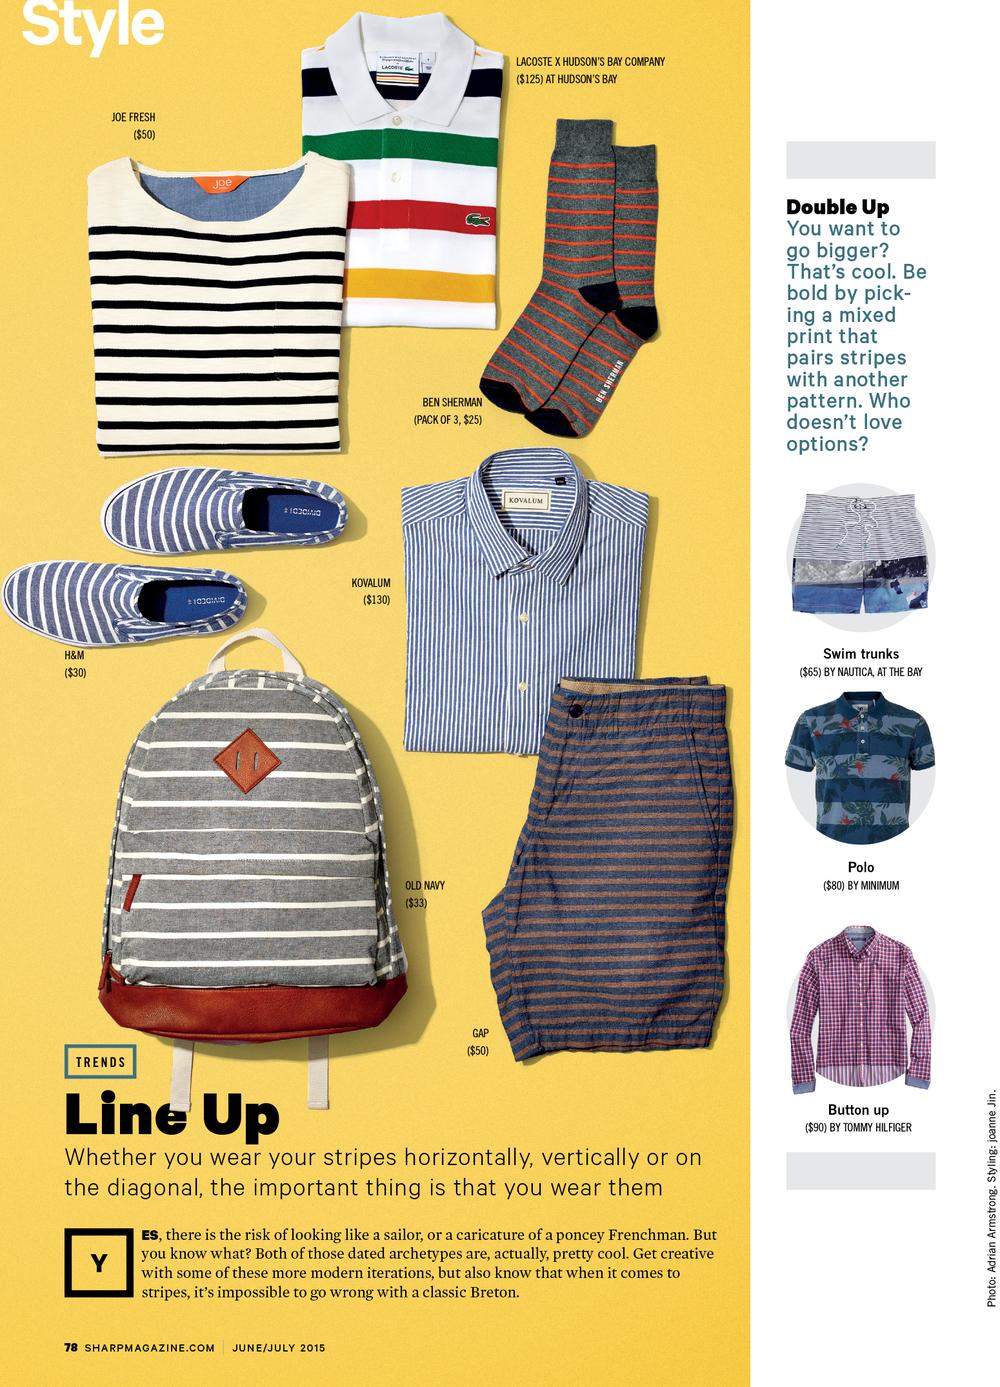 Sharp Magazine / Summer 2015 Stripes